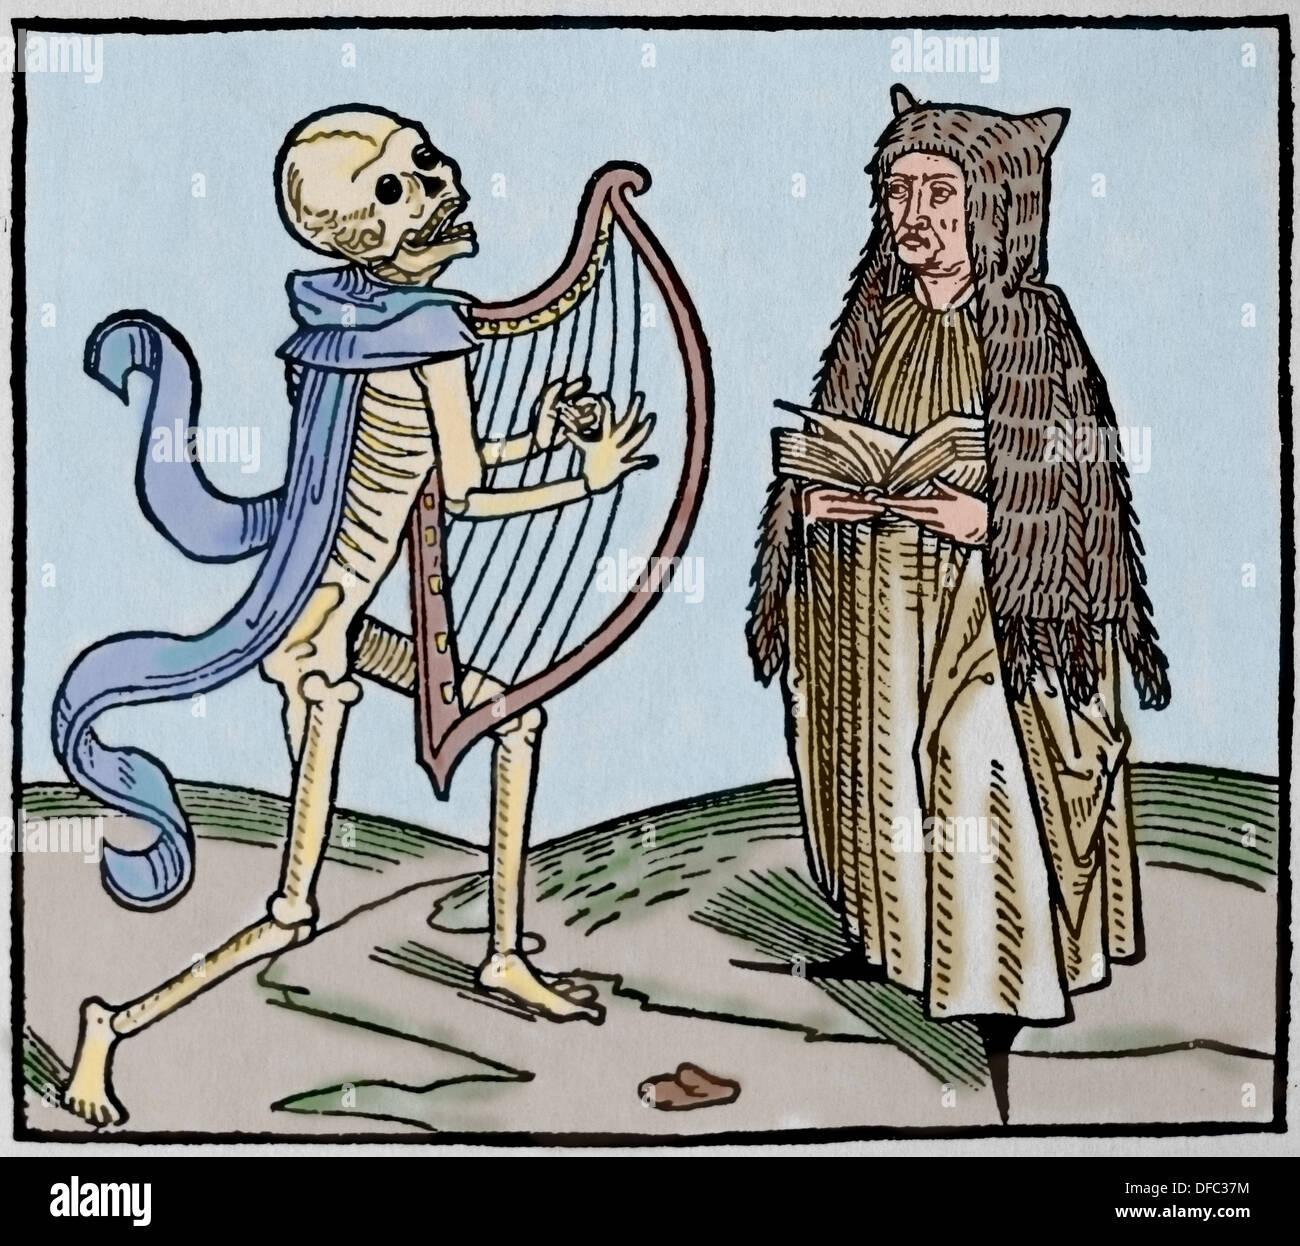 Período Medieval. Europa.14to siglo. La danza de la muerte. Alegoría de la universalidad de la muerte. Grabado en color. Imagen De Stock